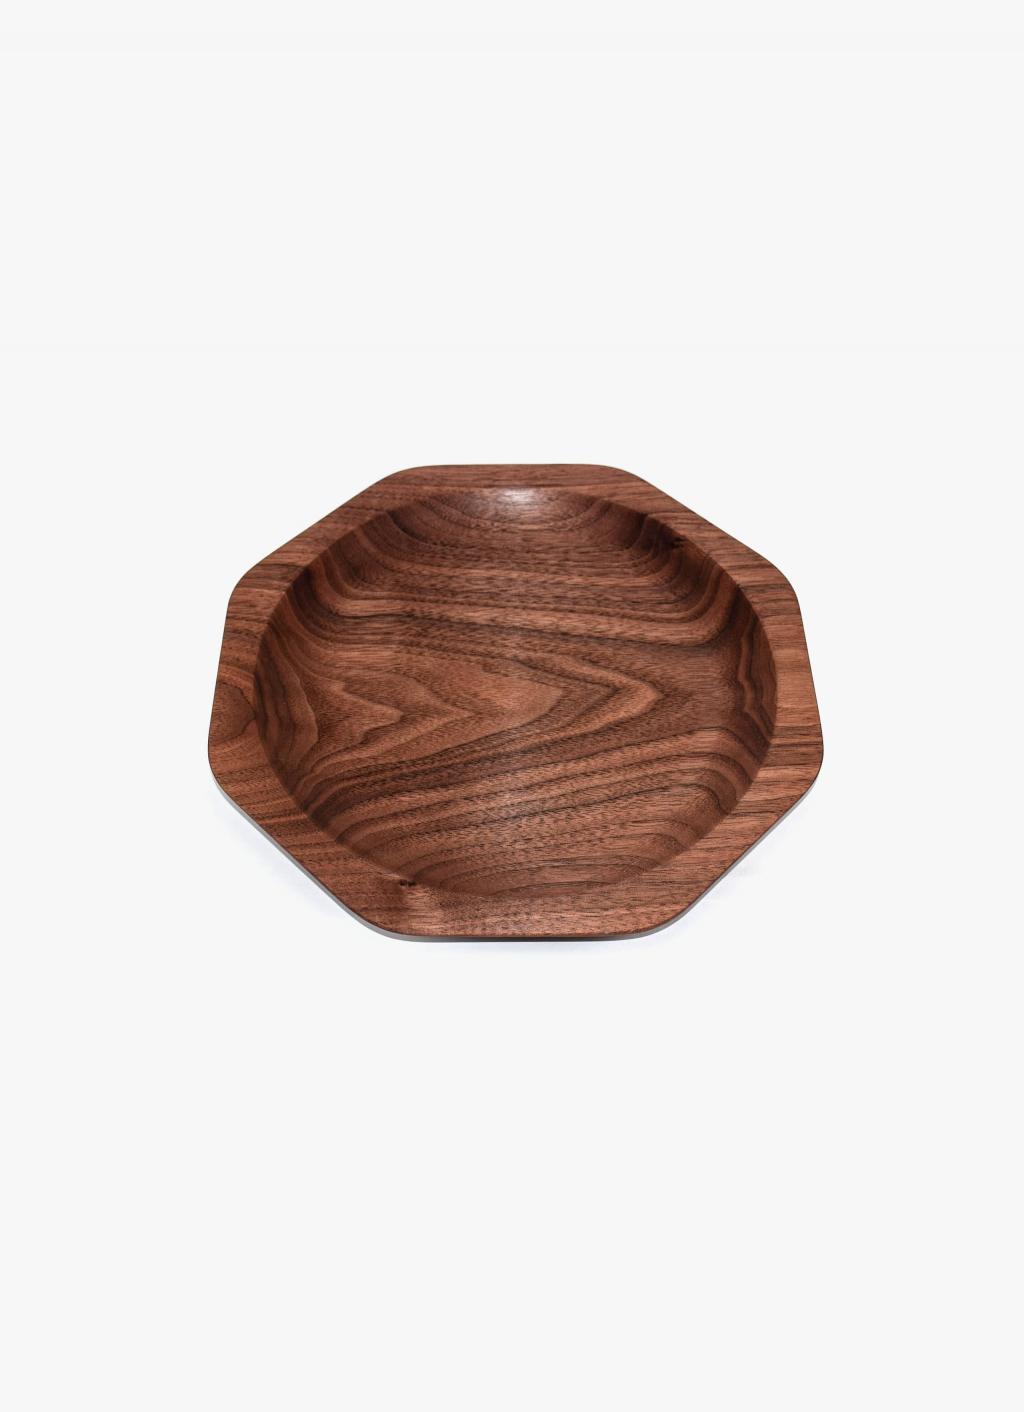 Asahikawa Woodworking - Oji Masanori - Kakudo Dish - Walnut - L